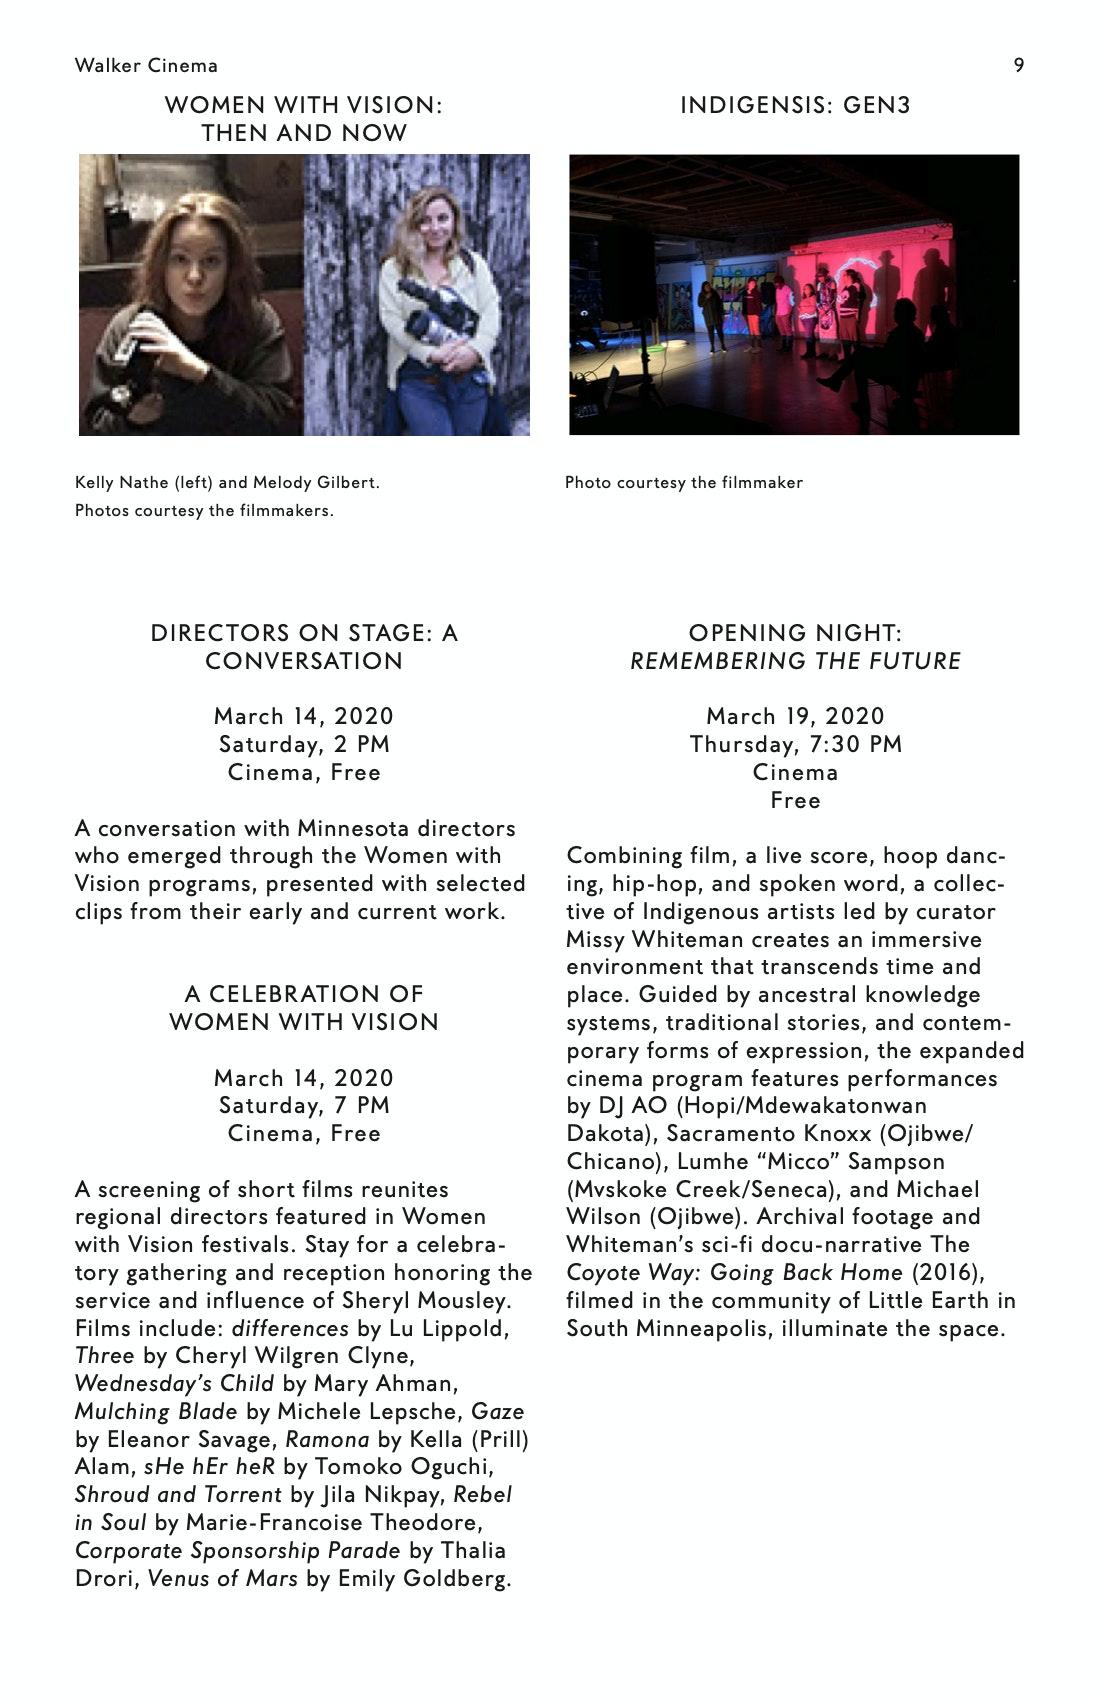 Julia Reichert Dialogue event brochure page 9